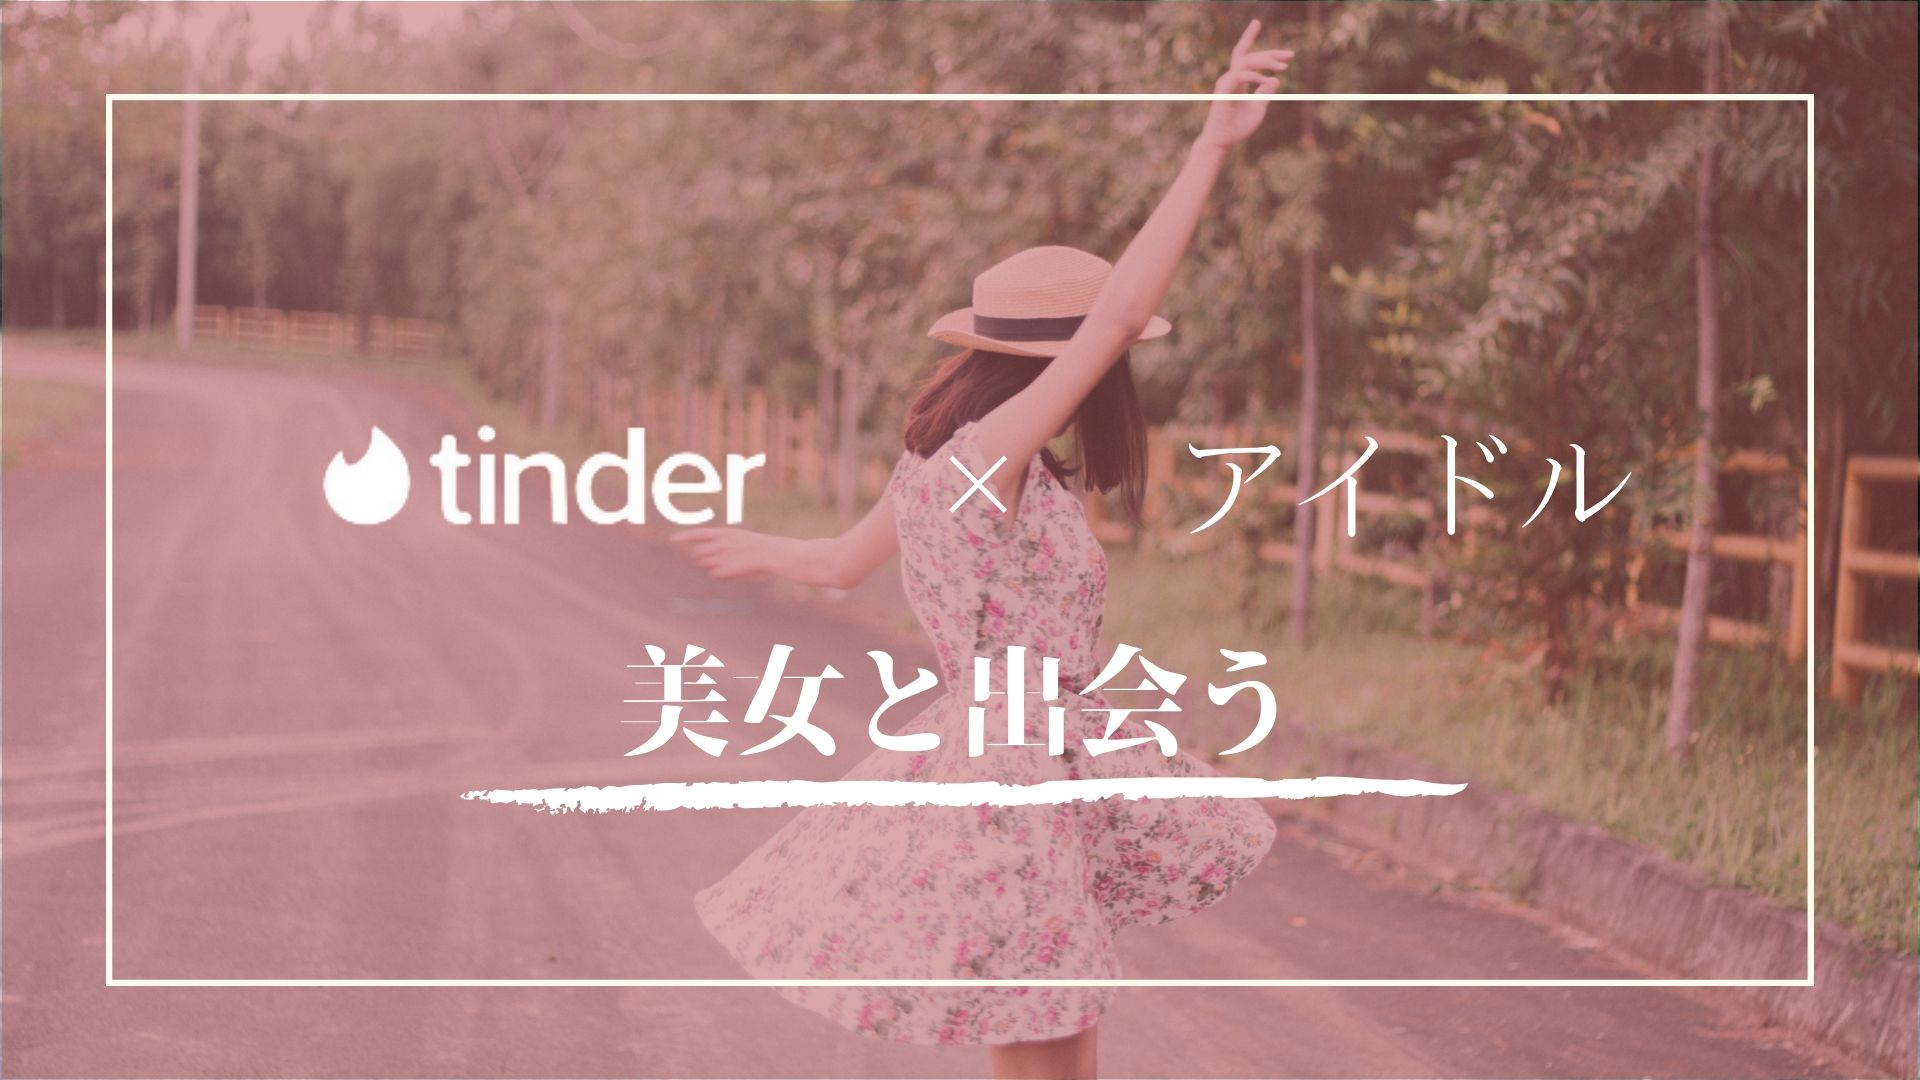 ティンダーでアイドルと出会う方法